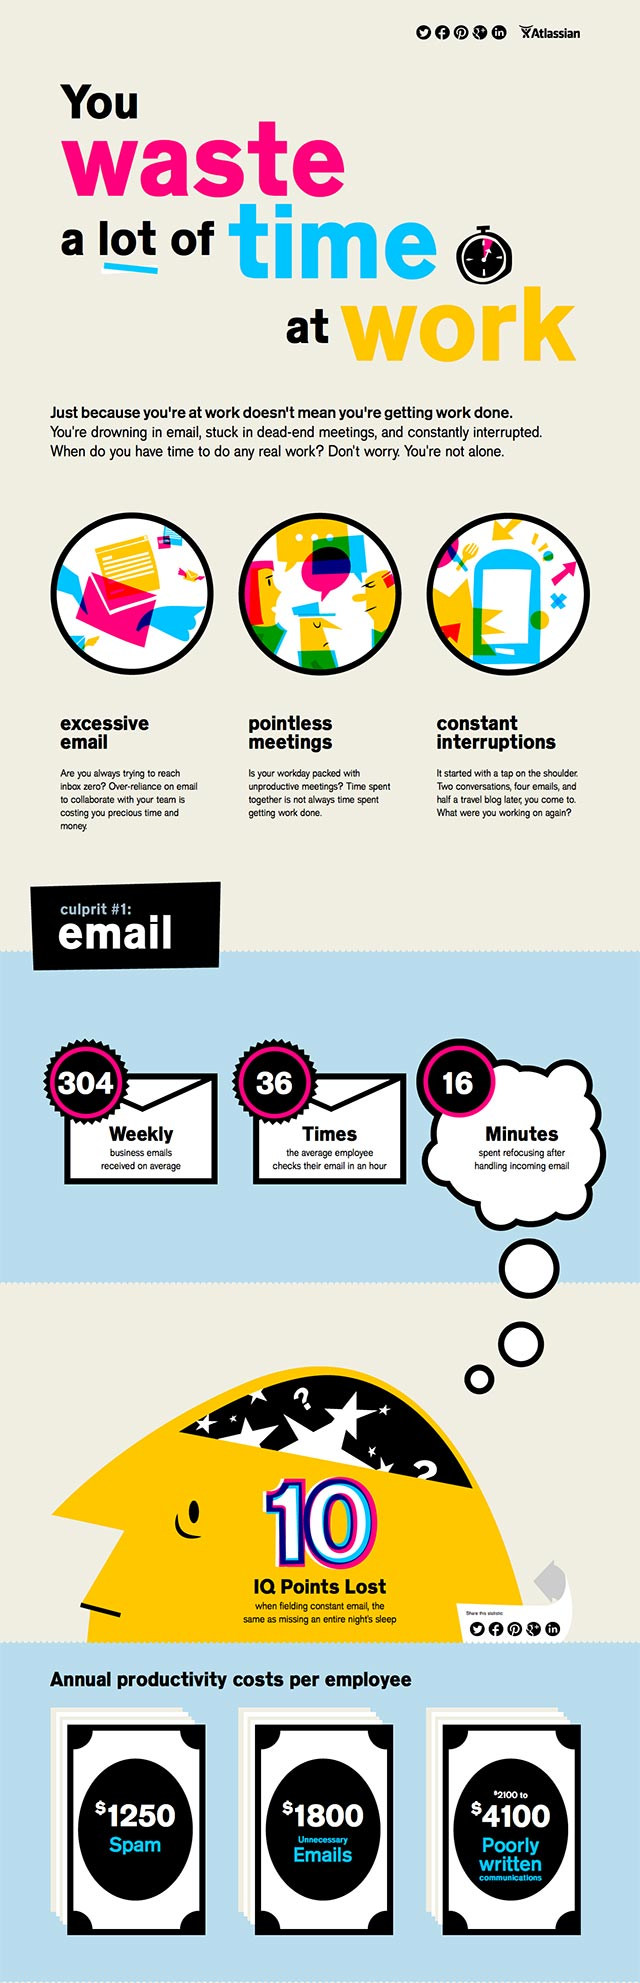 有趣网页设计案例10.jpg